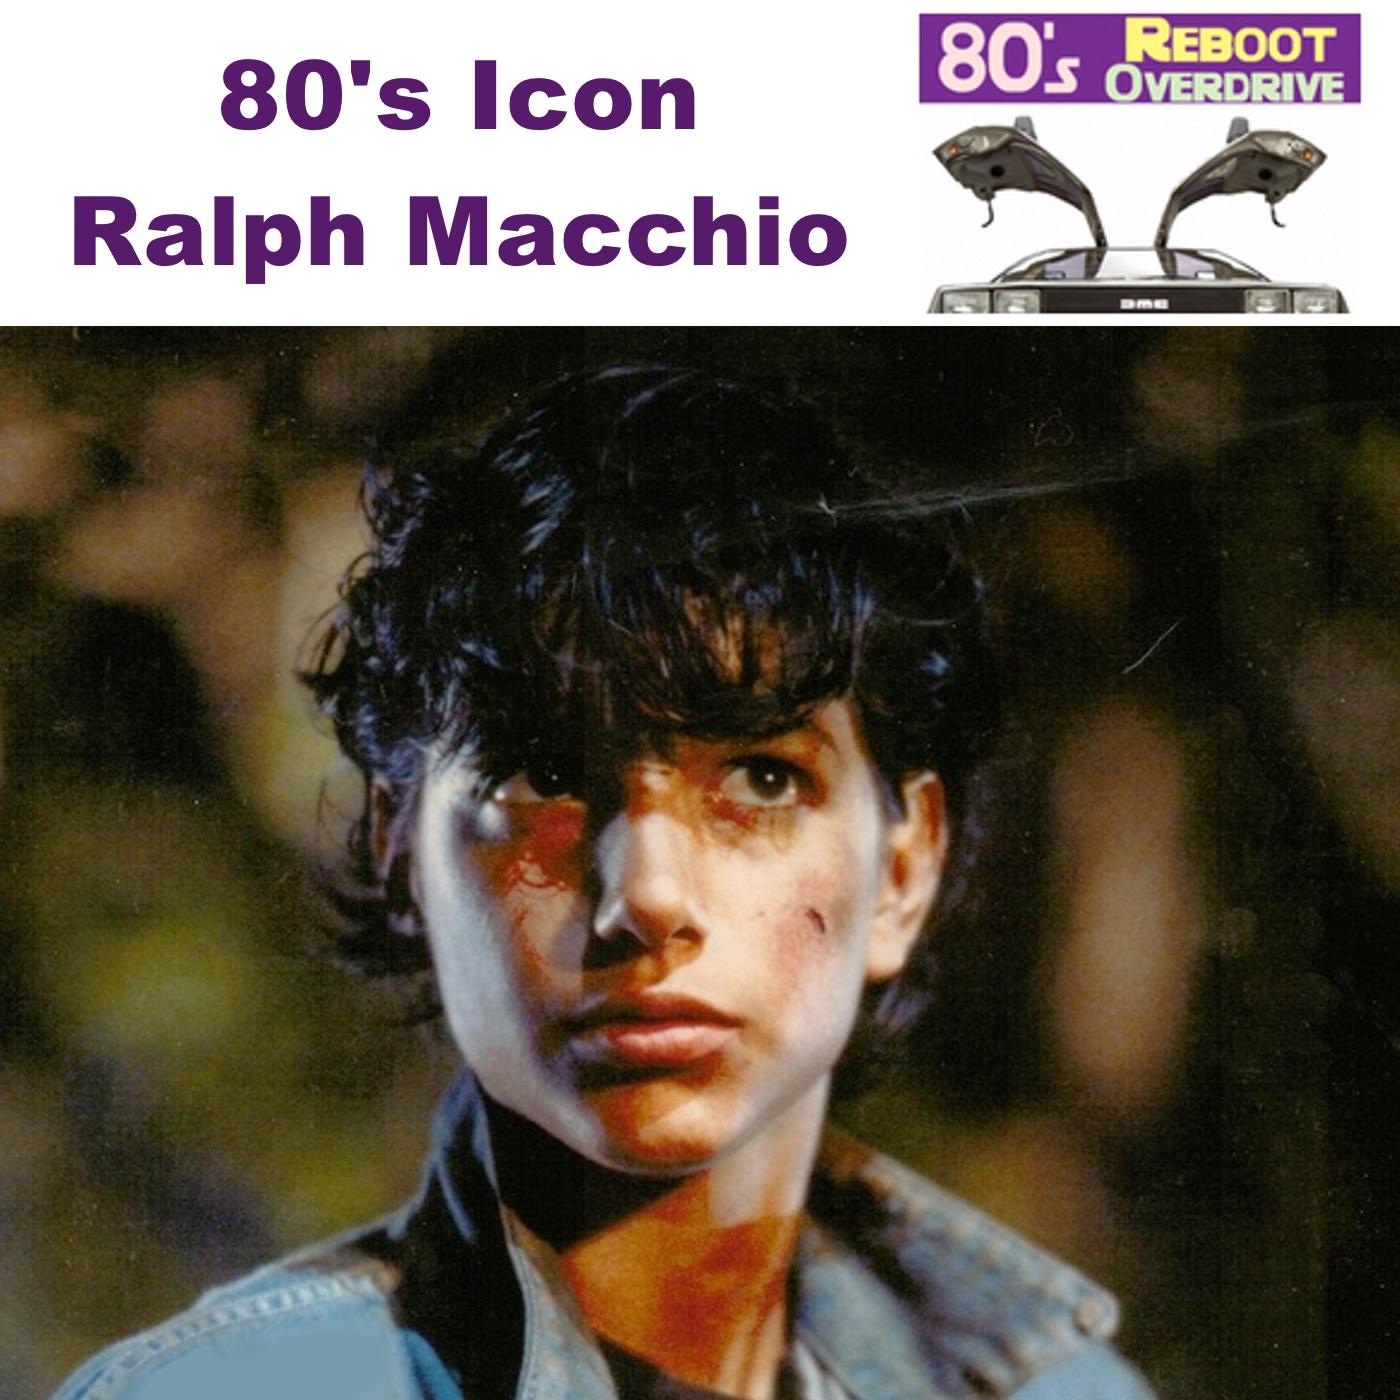 80's Icon Ralph Macchio